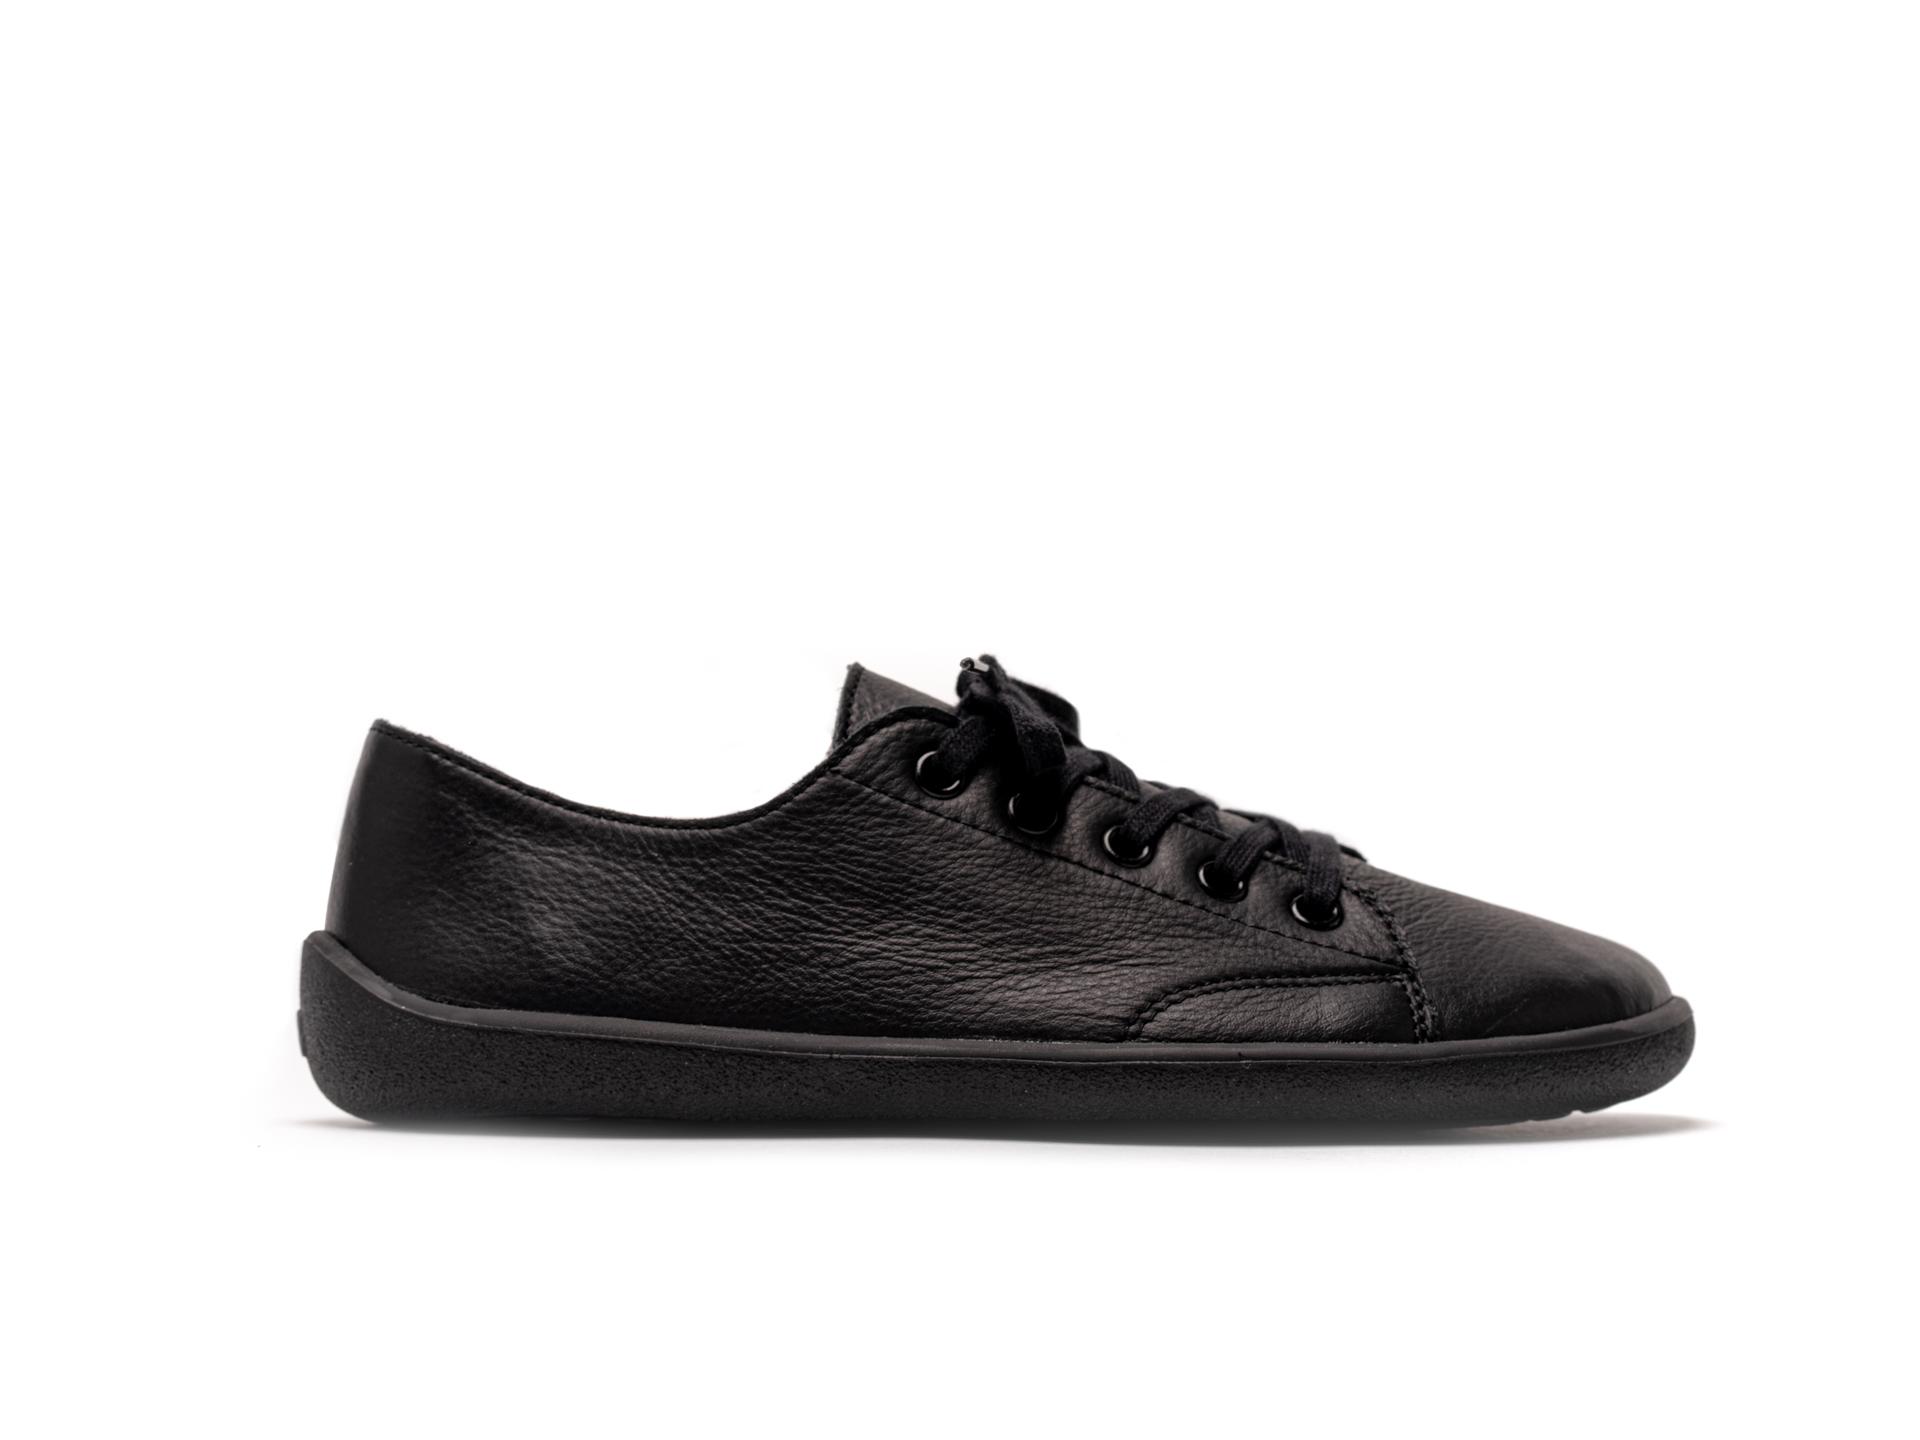 Barefoot Sneakers Be Lenka Prime - Black 40